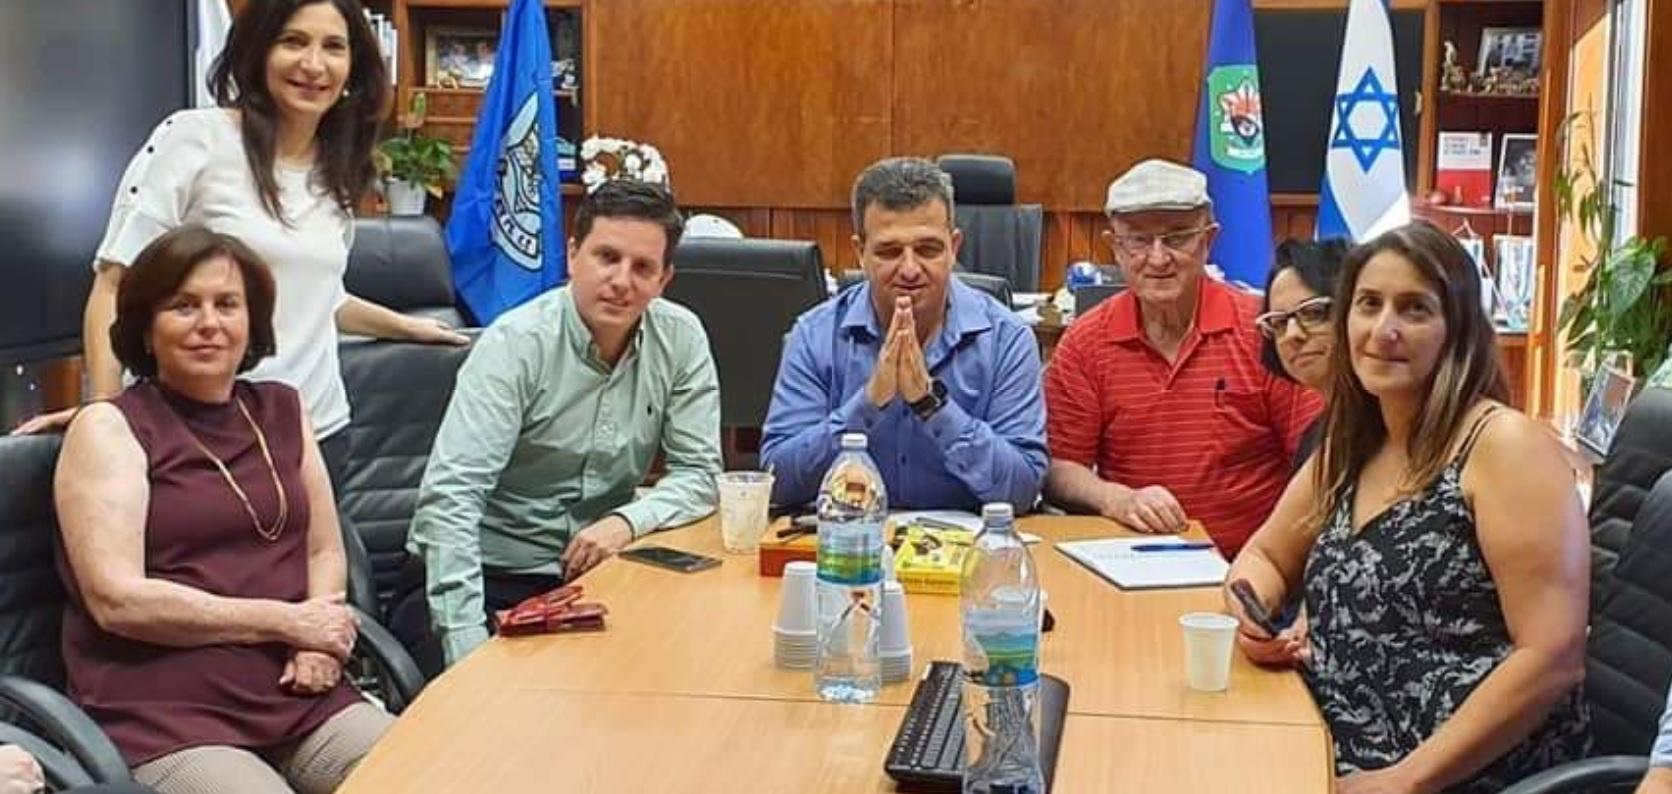 """Photo of אחרי 27 שנה, ייבנה בית ספר יסודי חדש בר""""ג. ביה""""ס ניצנים ייהרס ויבנה בית ספר חדש"""